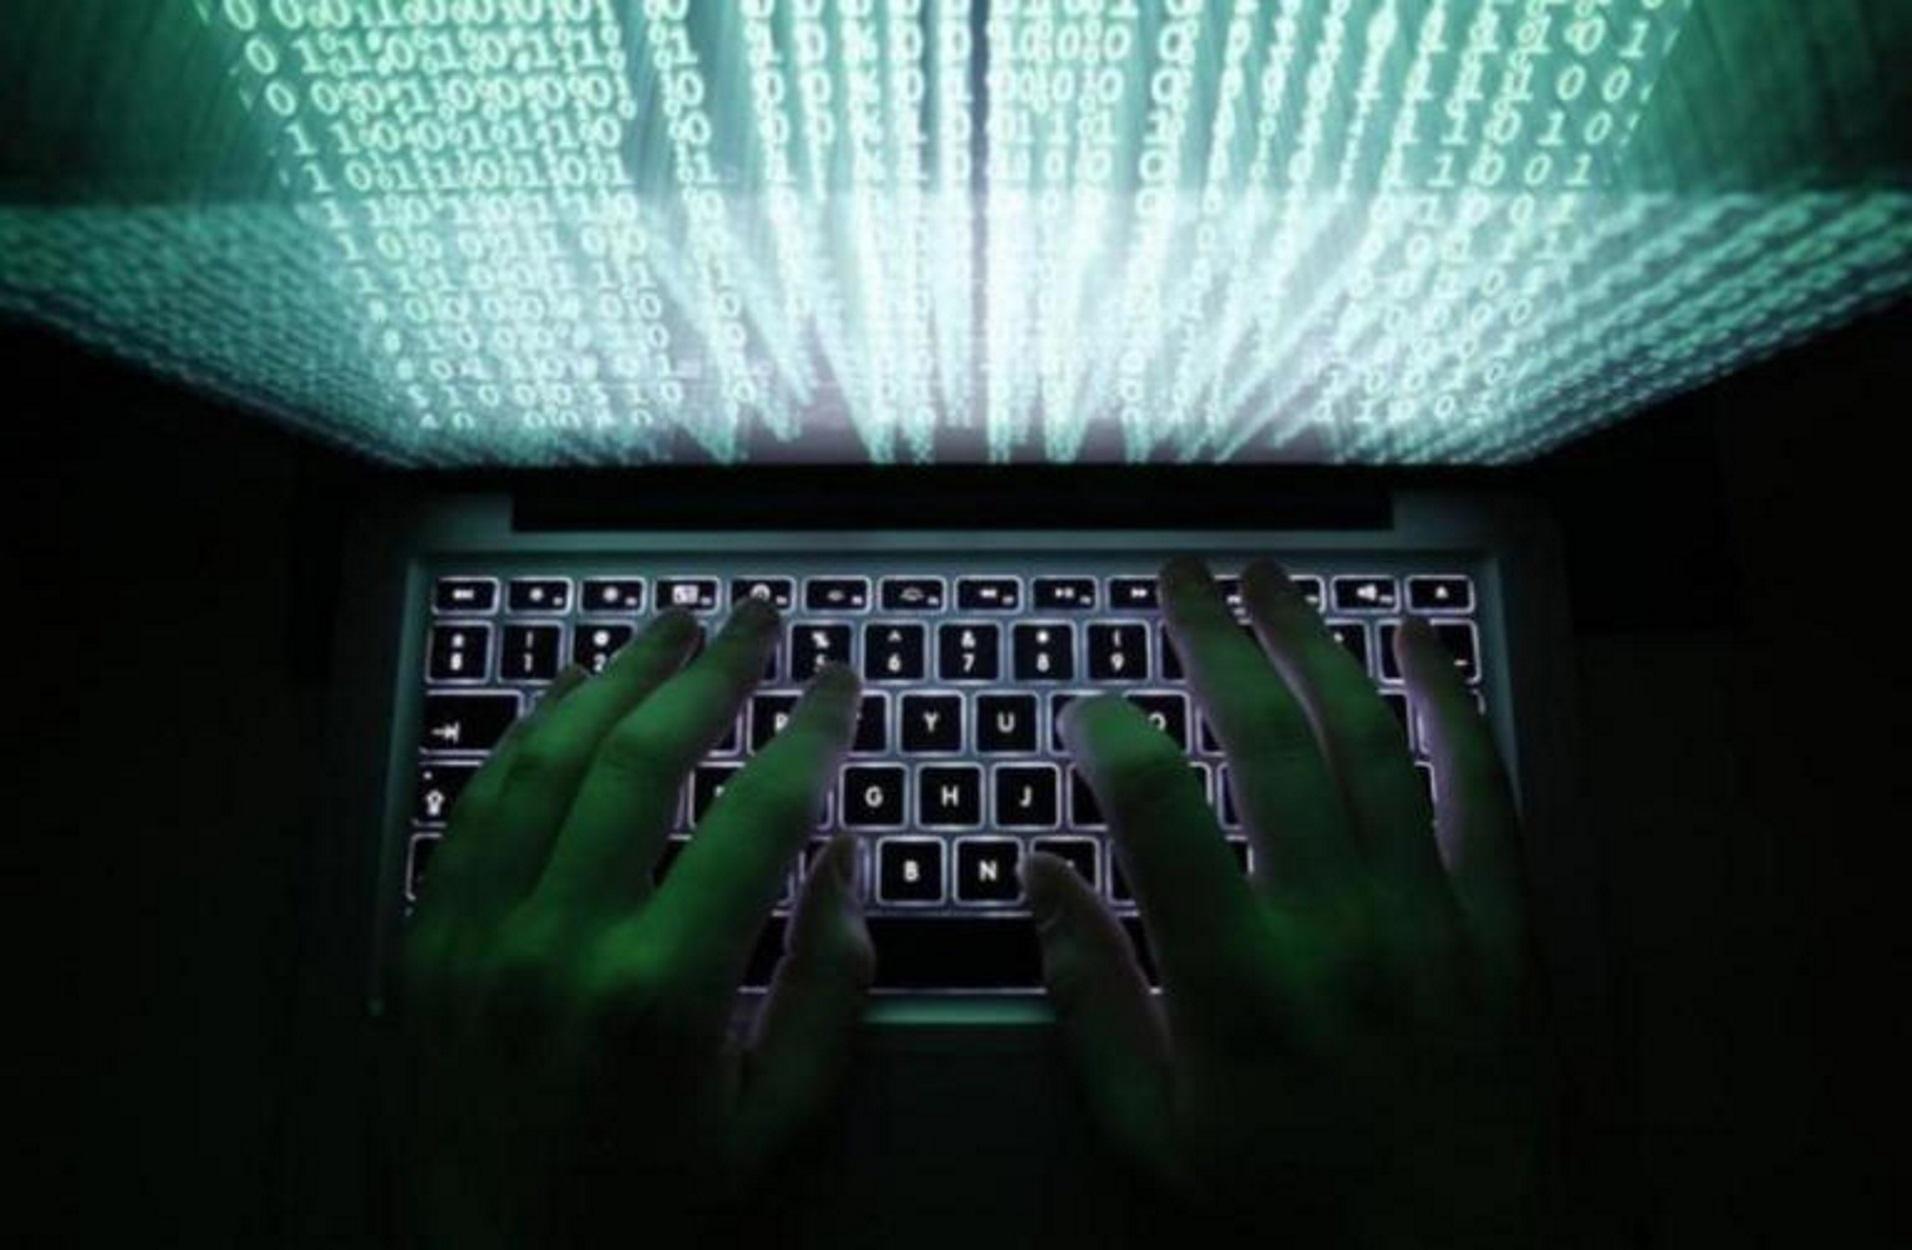 """Προσοχή! Γενικευμένη """"επίθεση"""" από κακόβουλο λογισμό – Πως ξεγελούν με email και κλέβουν τα προσωπικά δεδομένα"""